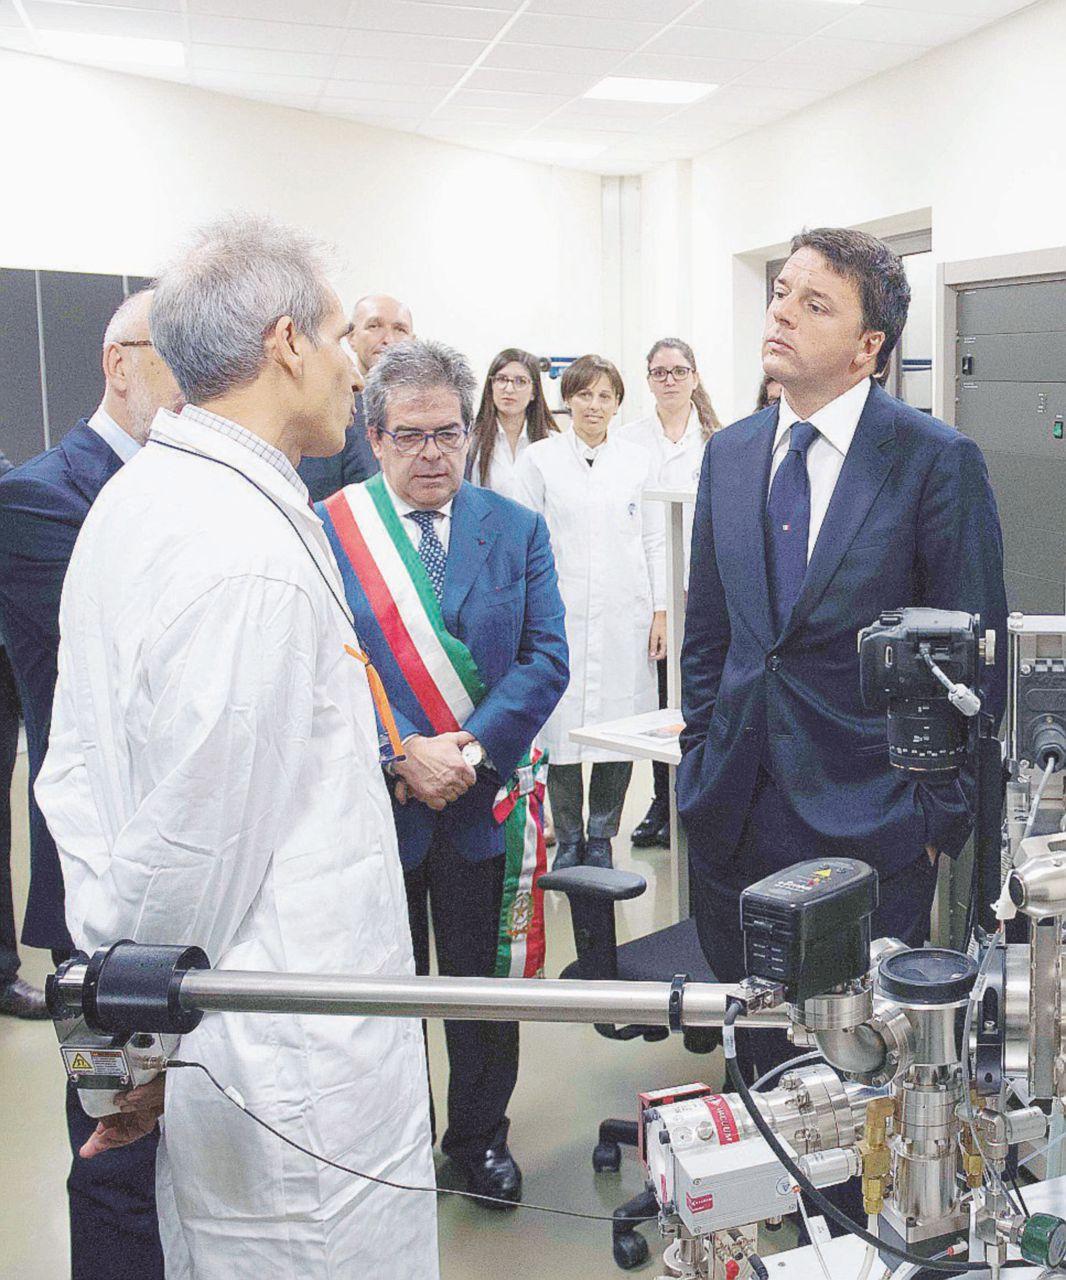 Medici, contadini e vecchi arnesi: Renzi alla siciliana